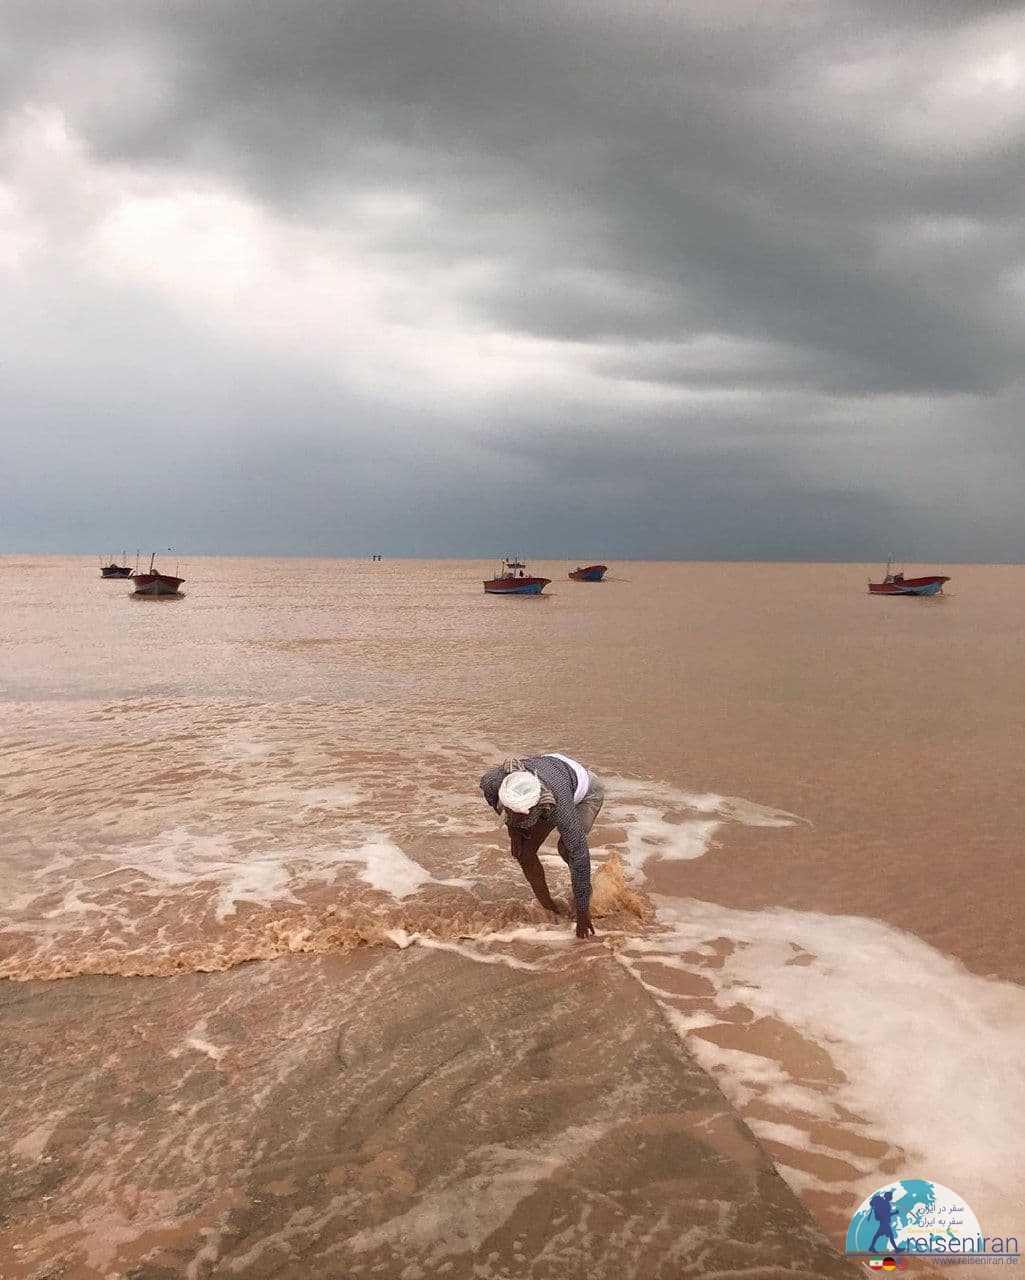 مرد ماهیگیر در ساحل دیر